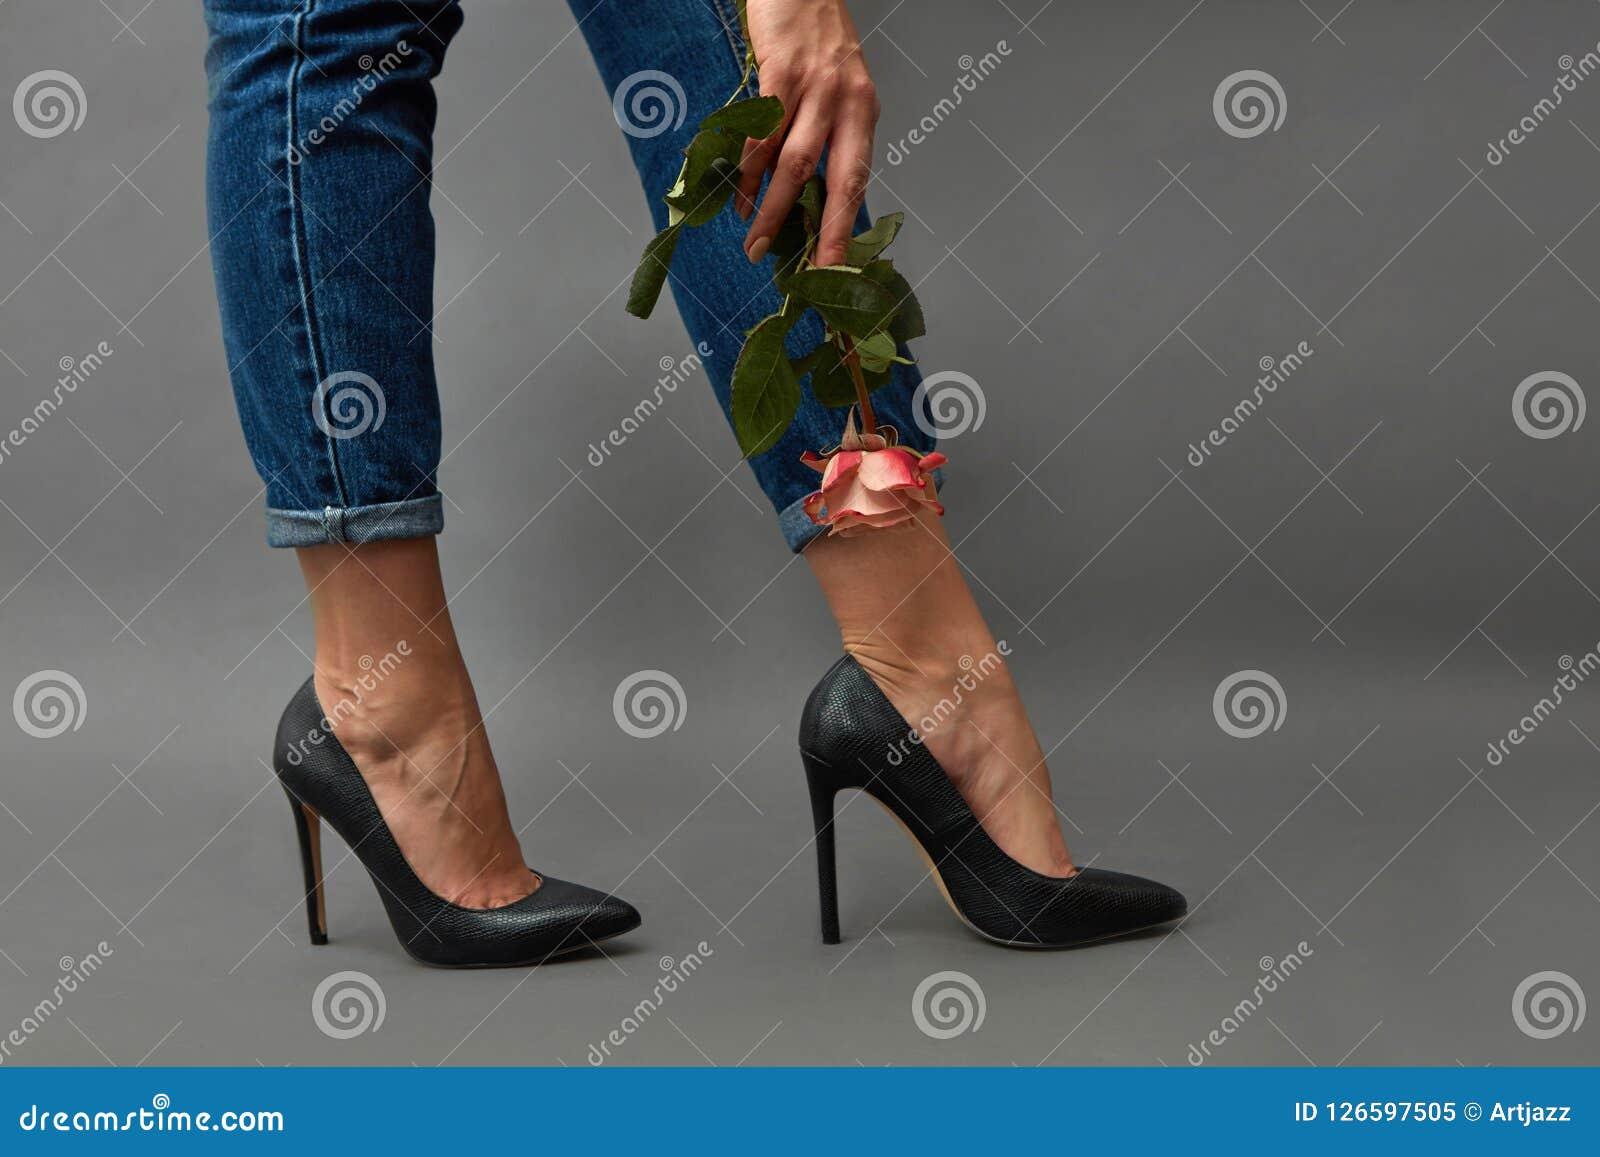 Des Des Noires Dans Avec Chaussures Les Femelles Jambes Belles qSvxwUIaf